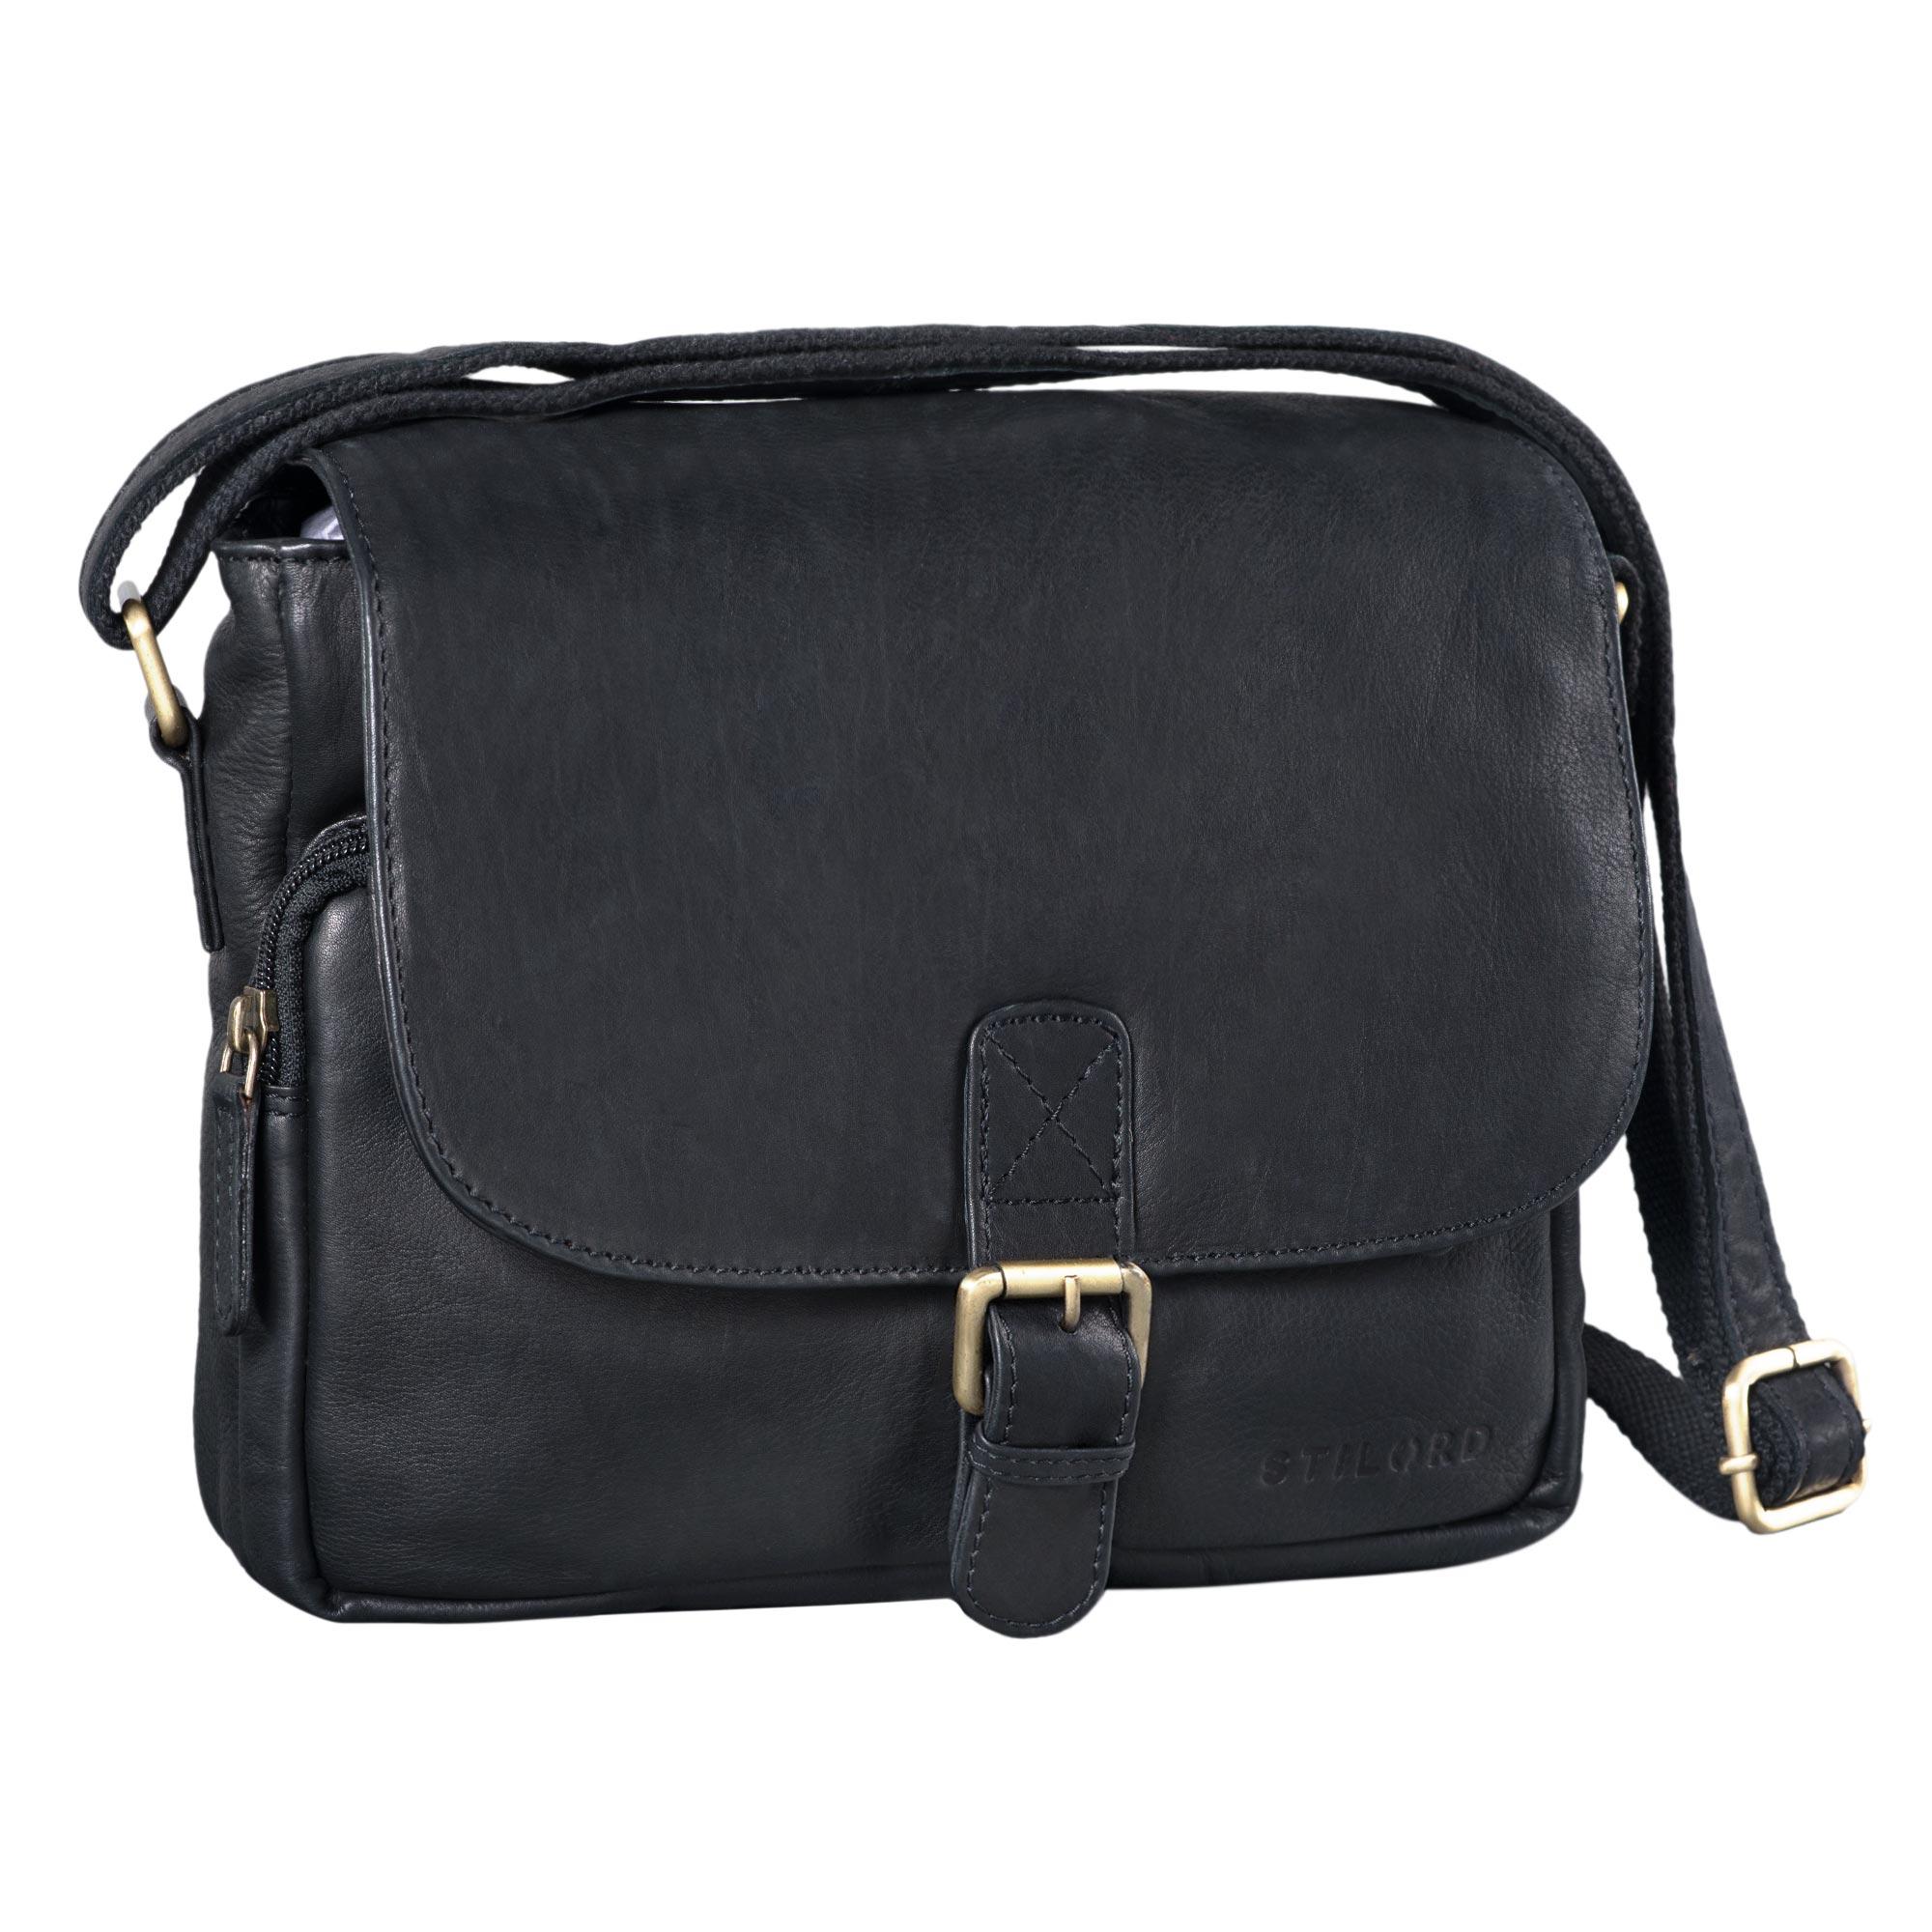 """STILORD """"Lucian"""" Vintage Umhängetasche Leder klein für Herren und Damen braune Schultertasche für 10.1 Zoll Tablet iPad DIN A5 Handtasche aus echtem Leder - Bild 14"""